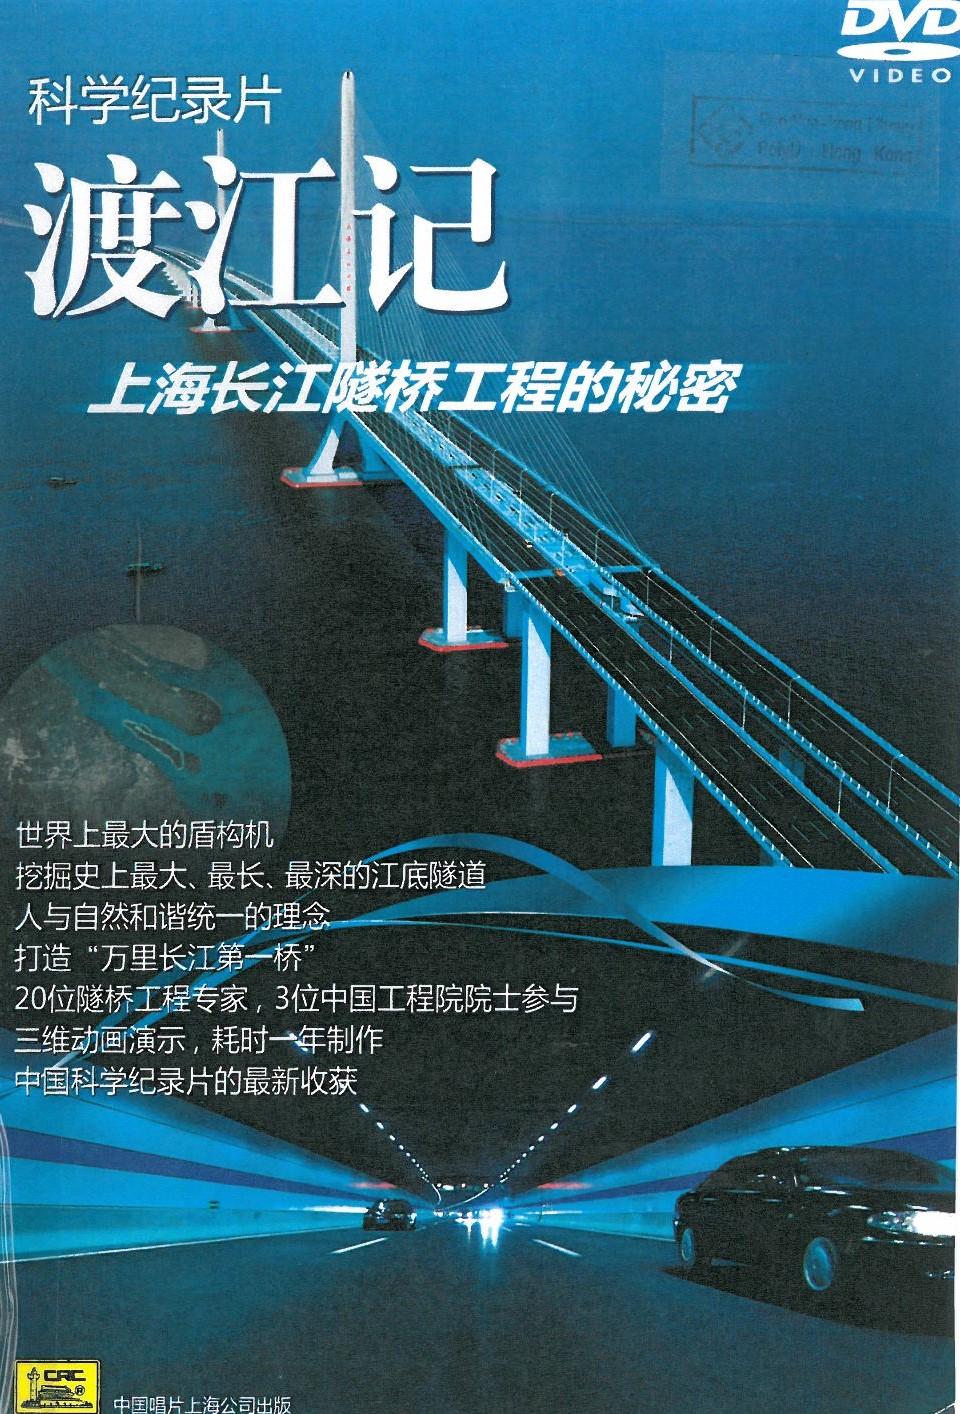 渡江記:上海長江隧橋工程的秘密